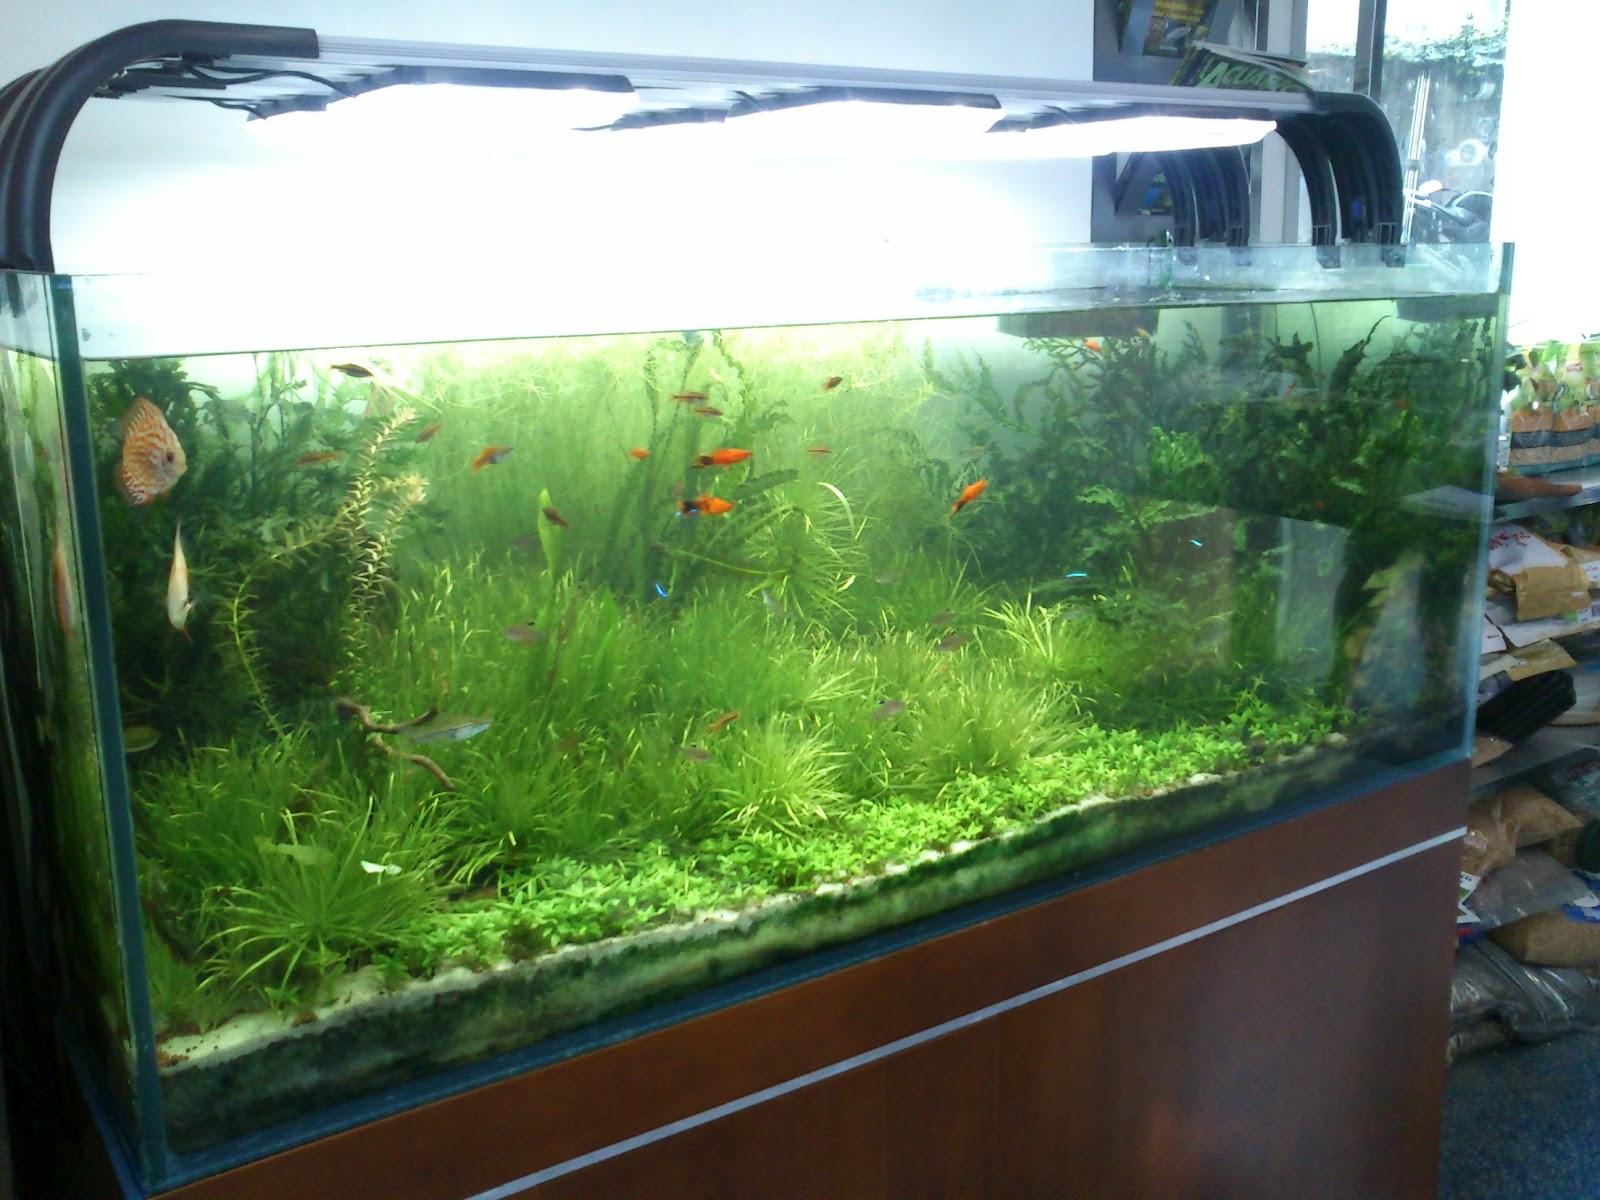 Discus vigo montaje acuario 500 litros - Montaje de acuarios ...